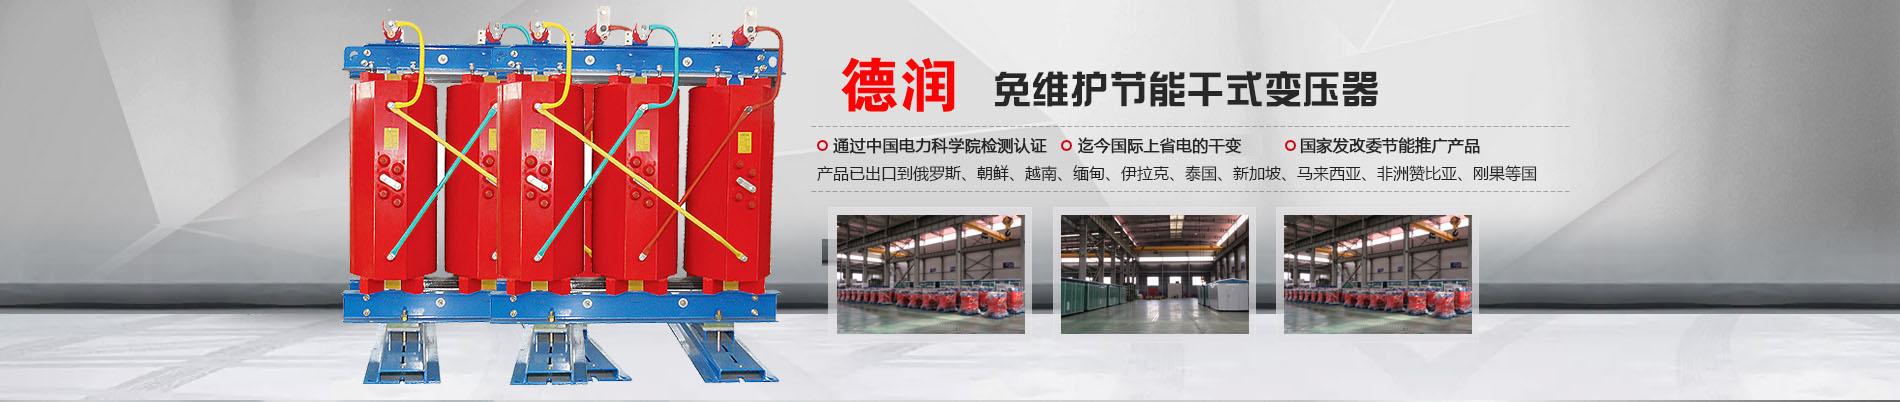 铜仁干式变压器厂家